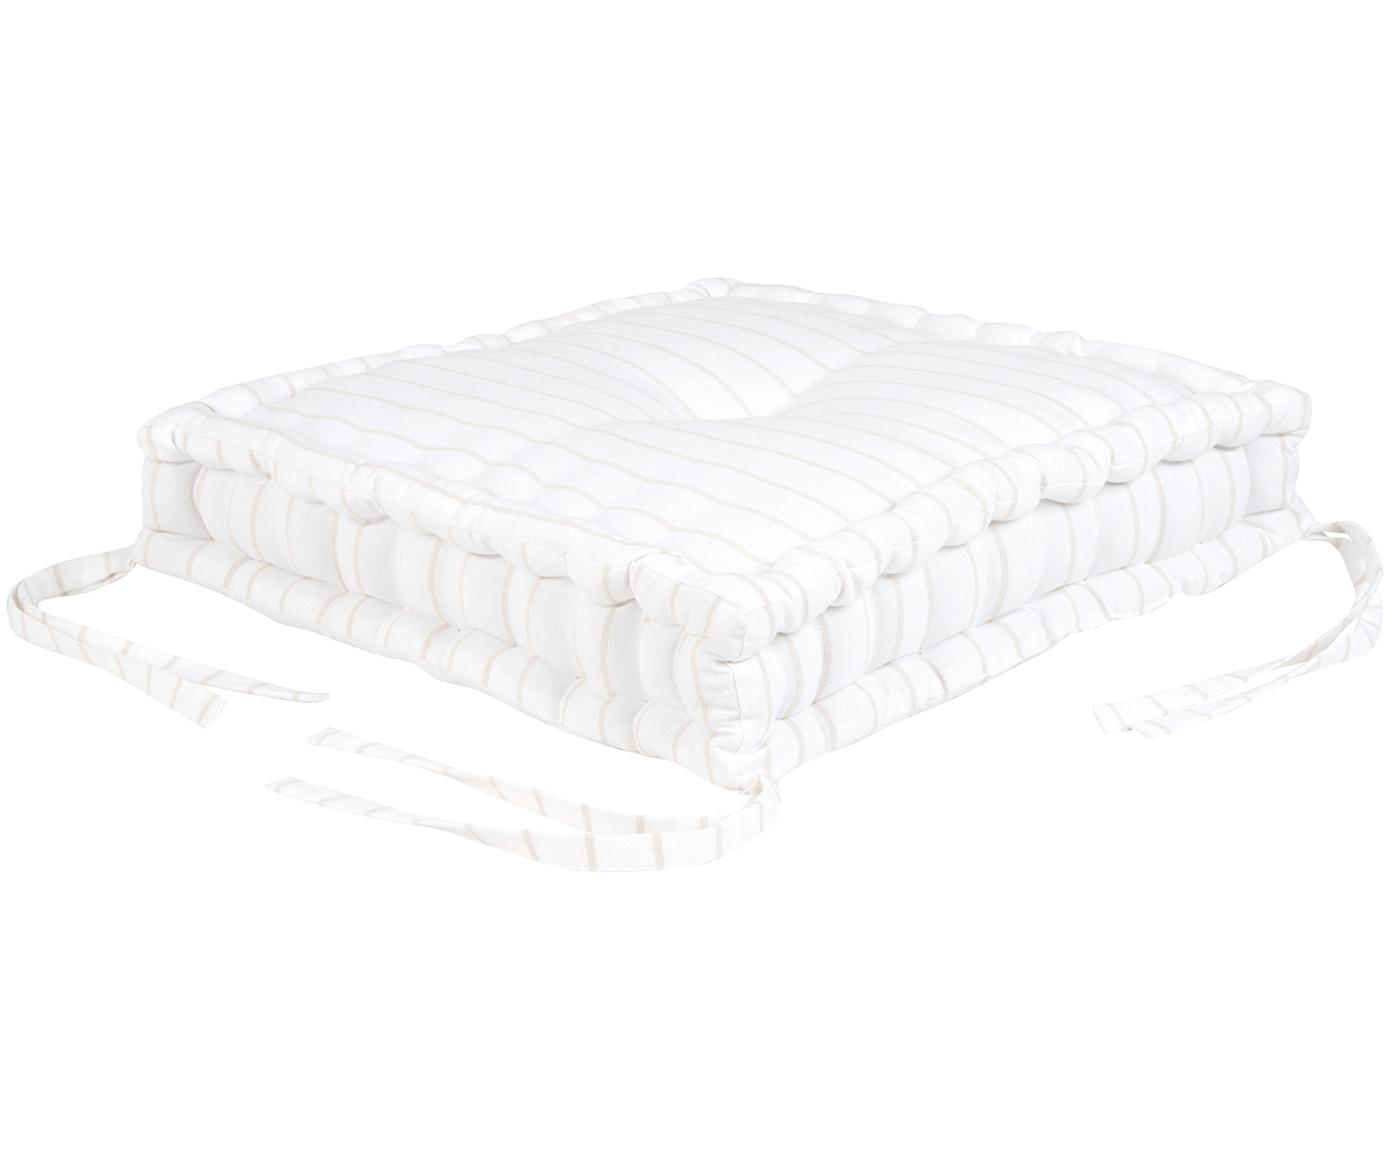 Cuscino sedia a righe Ludmilla, Beige, bianco crema, Larg. 45 x Lung. 45 cm